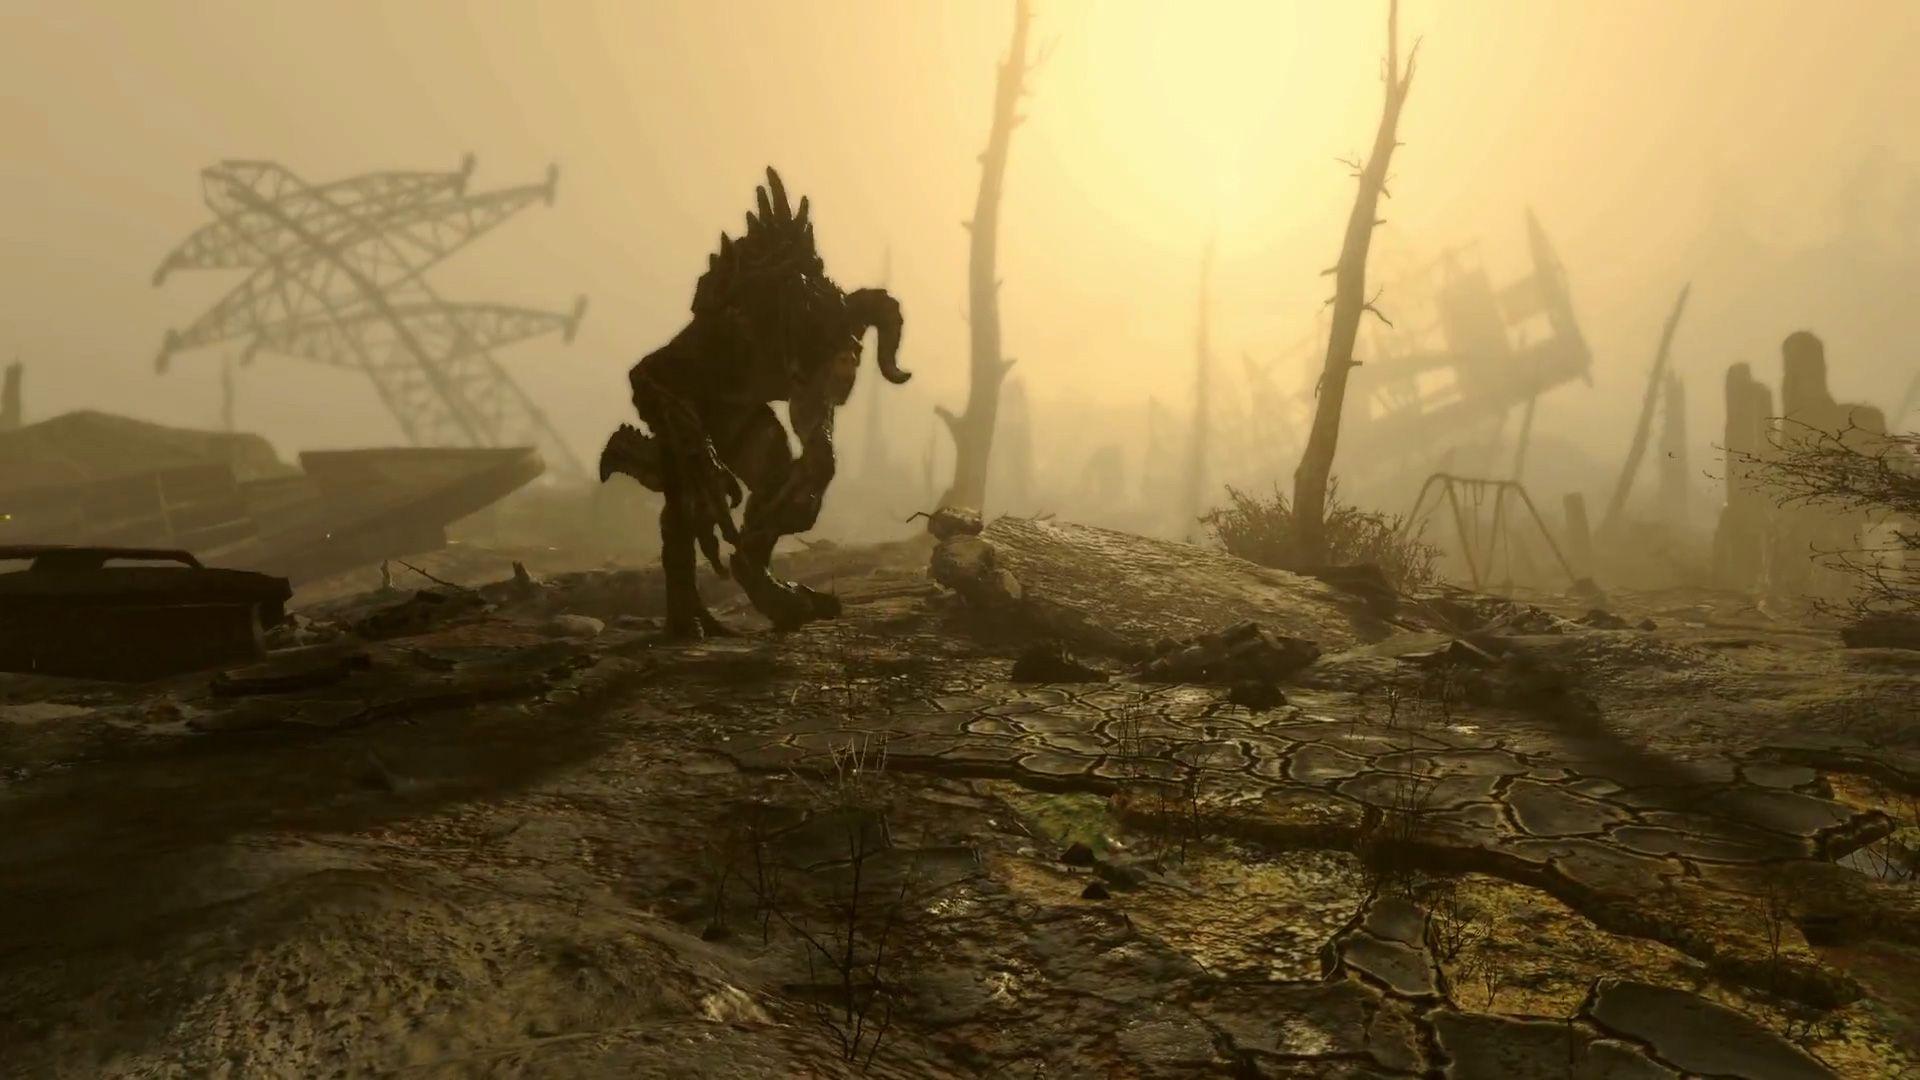 Fallout 4, Fallout 3, Fallout New Vegas